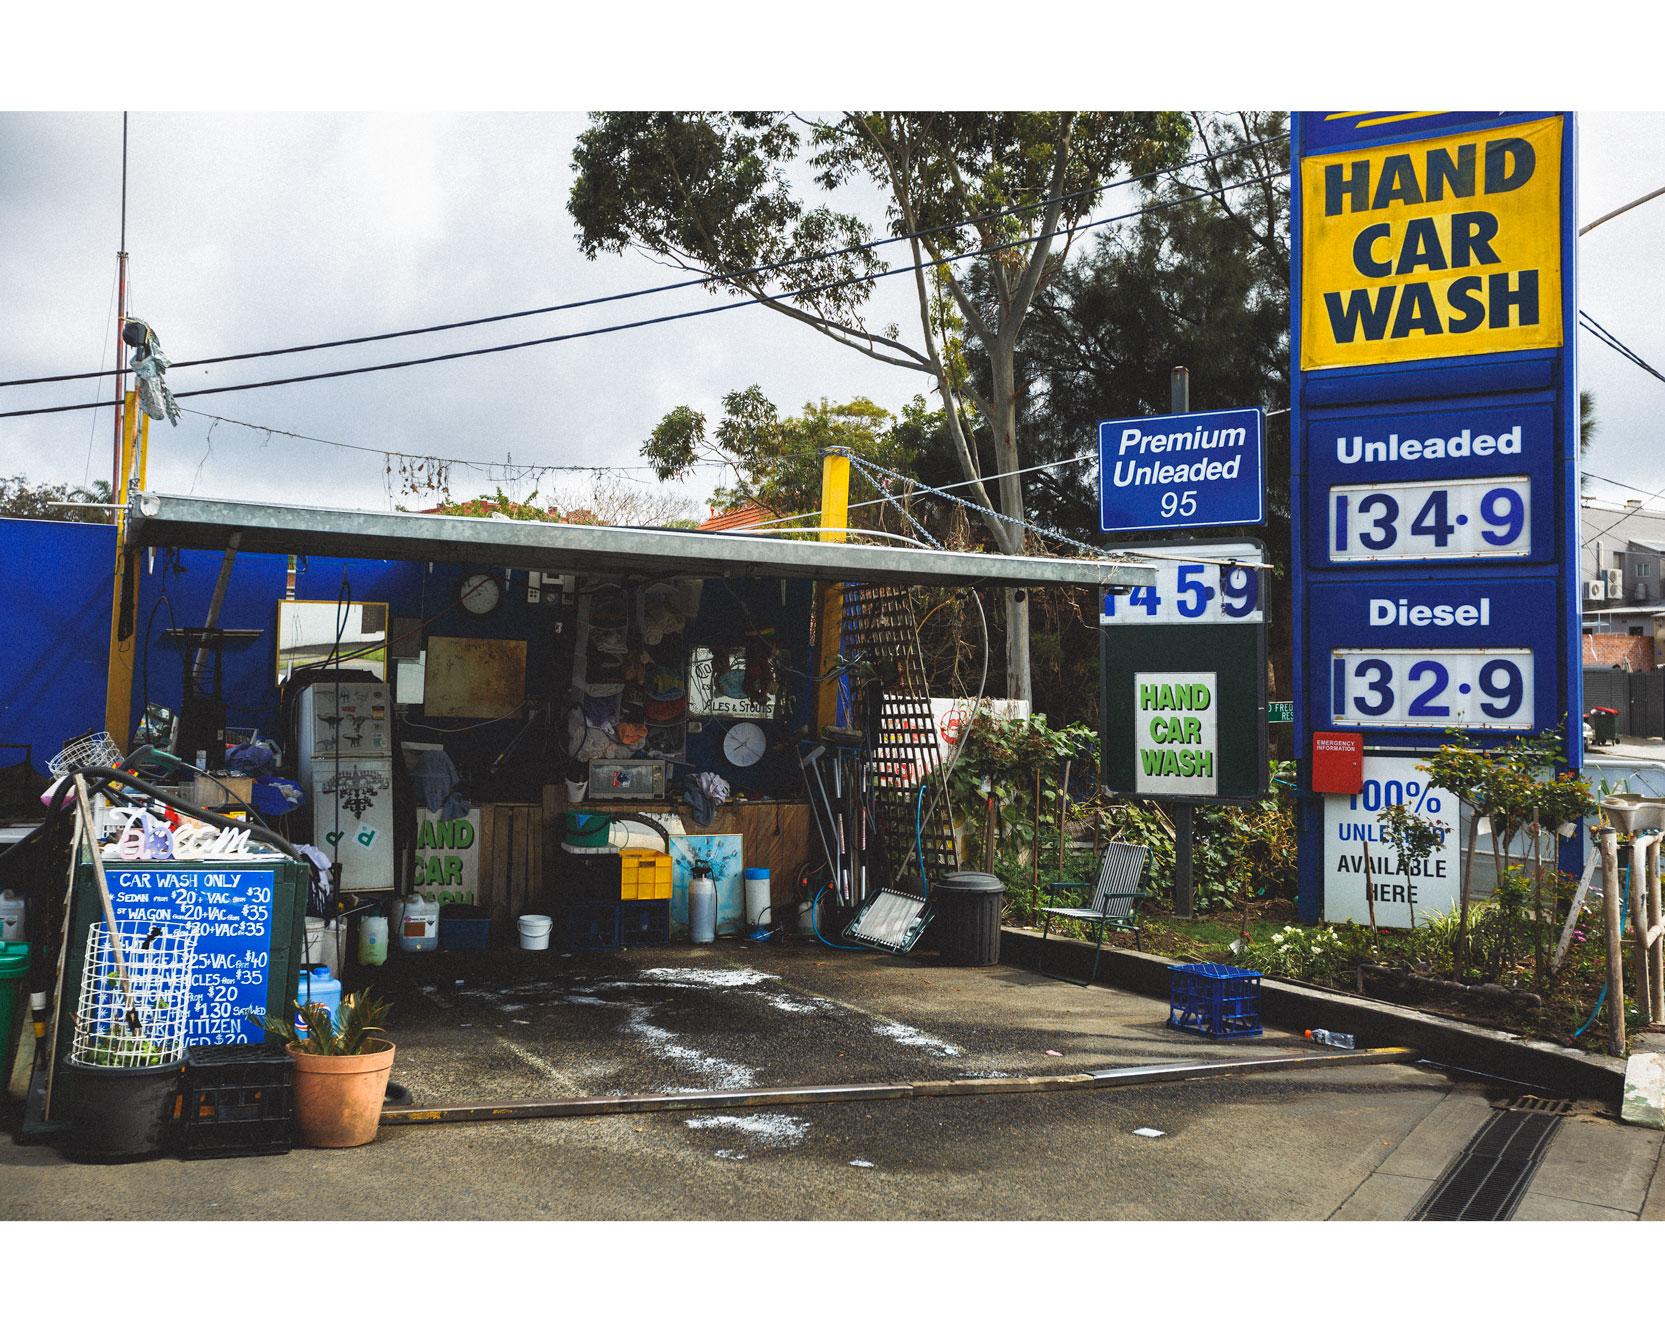 car-wash-Australia7.jpg